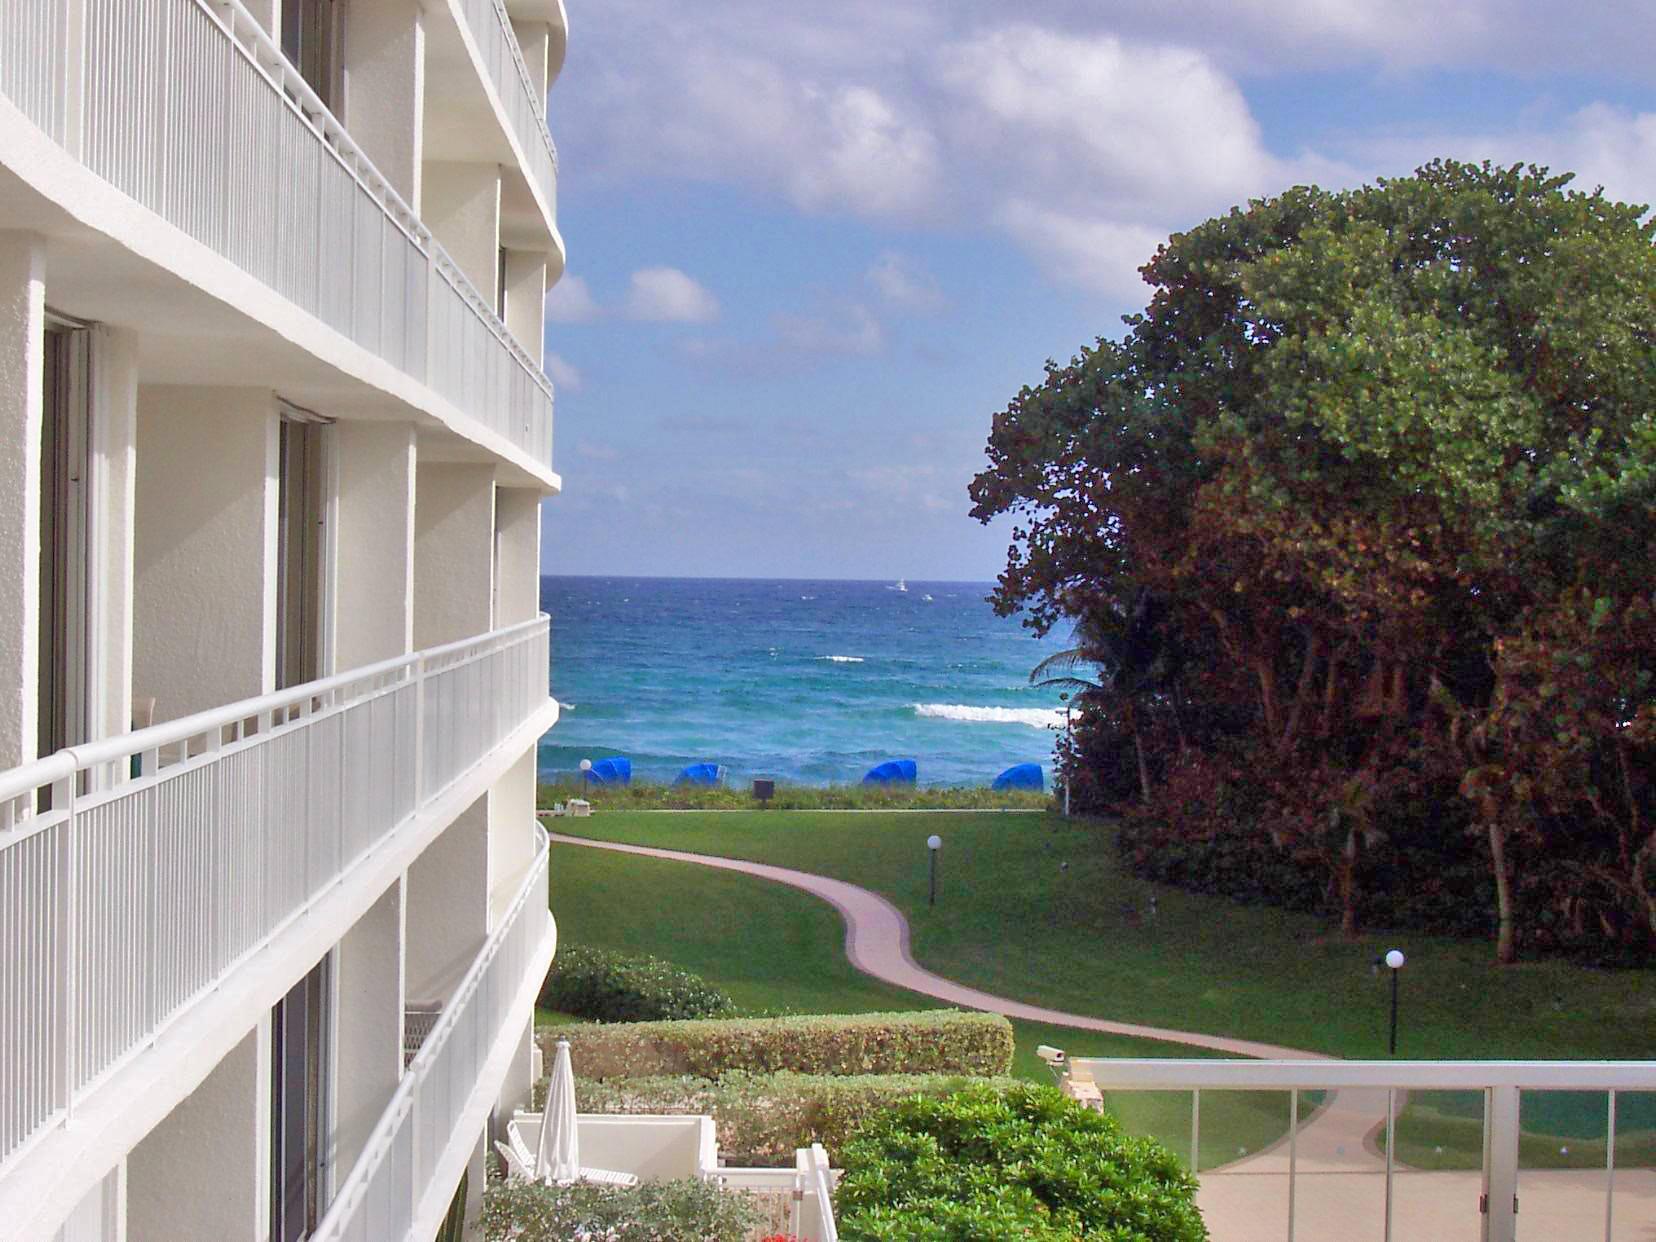 2780 S Ocean Boulevard #310 - 33480 - FL - Palm Beach